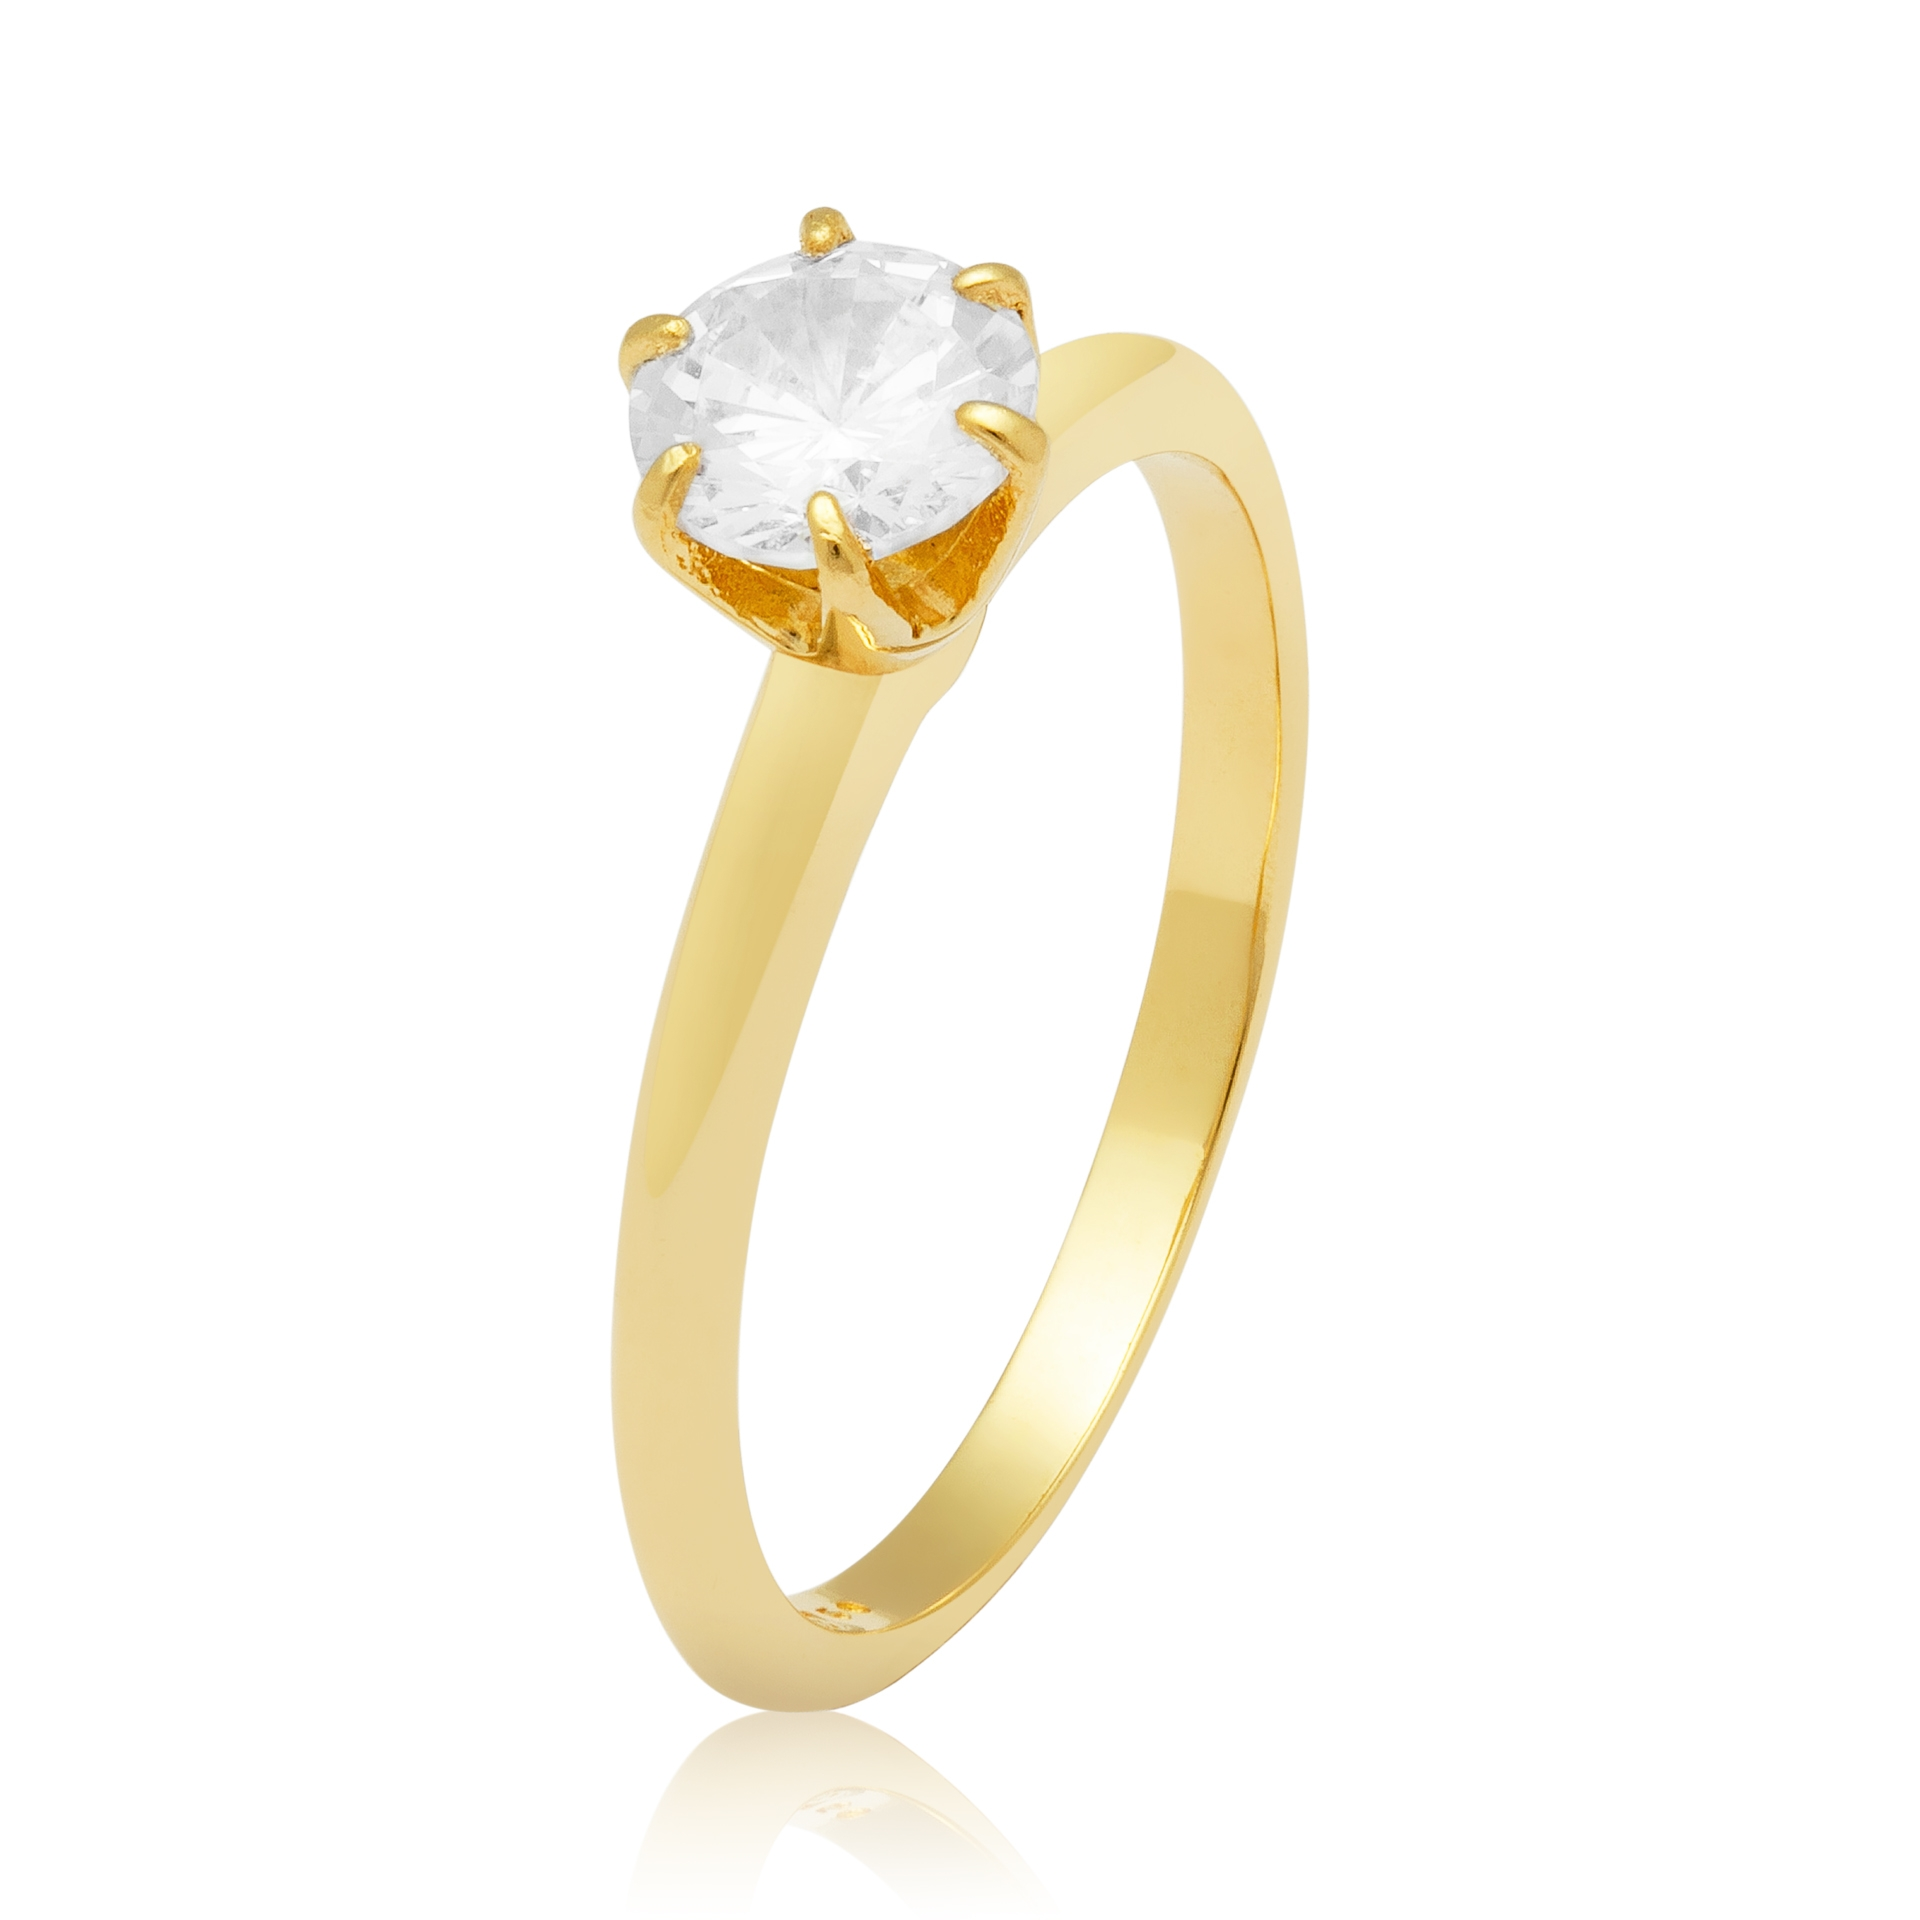 Solitário Ouro Amarelo 18k Solitaire e 90 Pontos de Diamantes